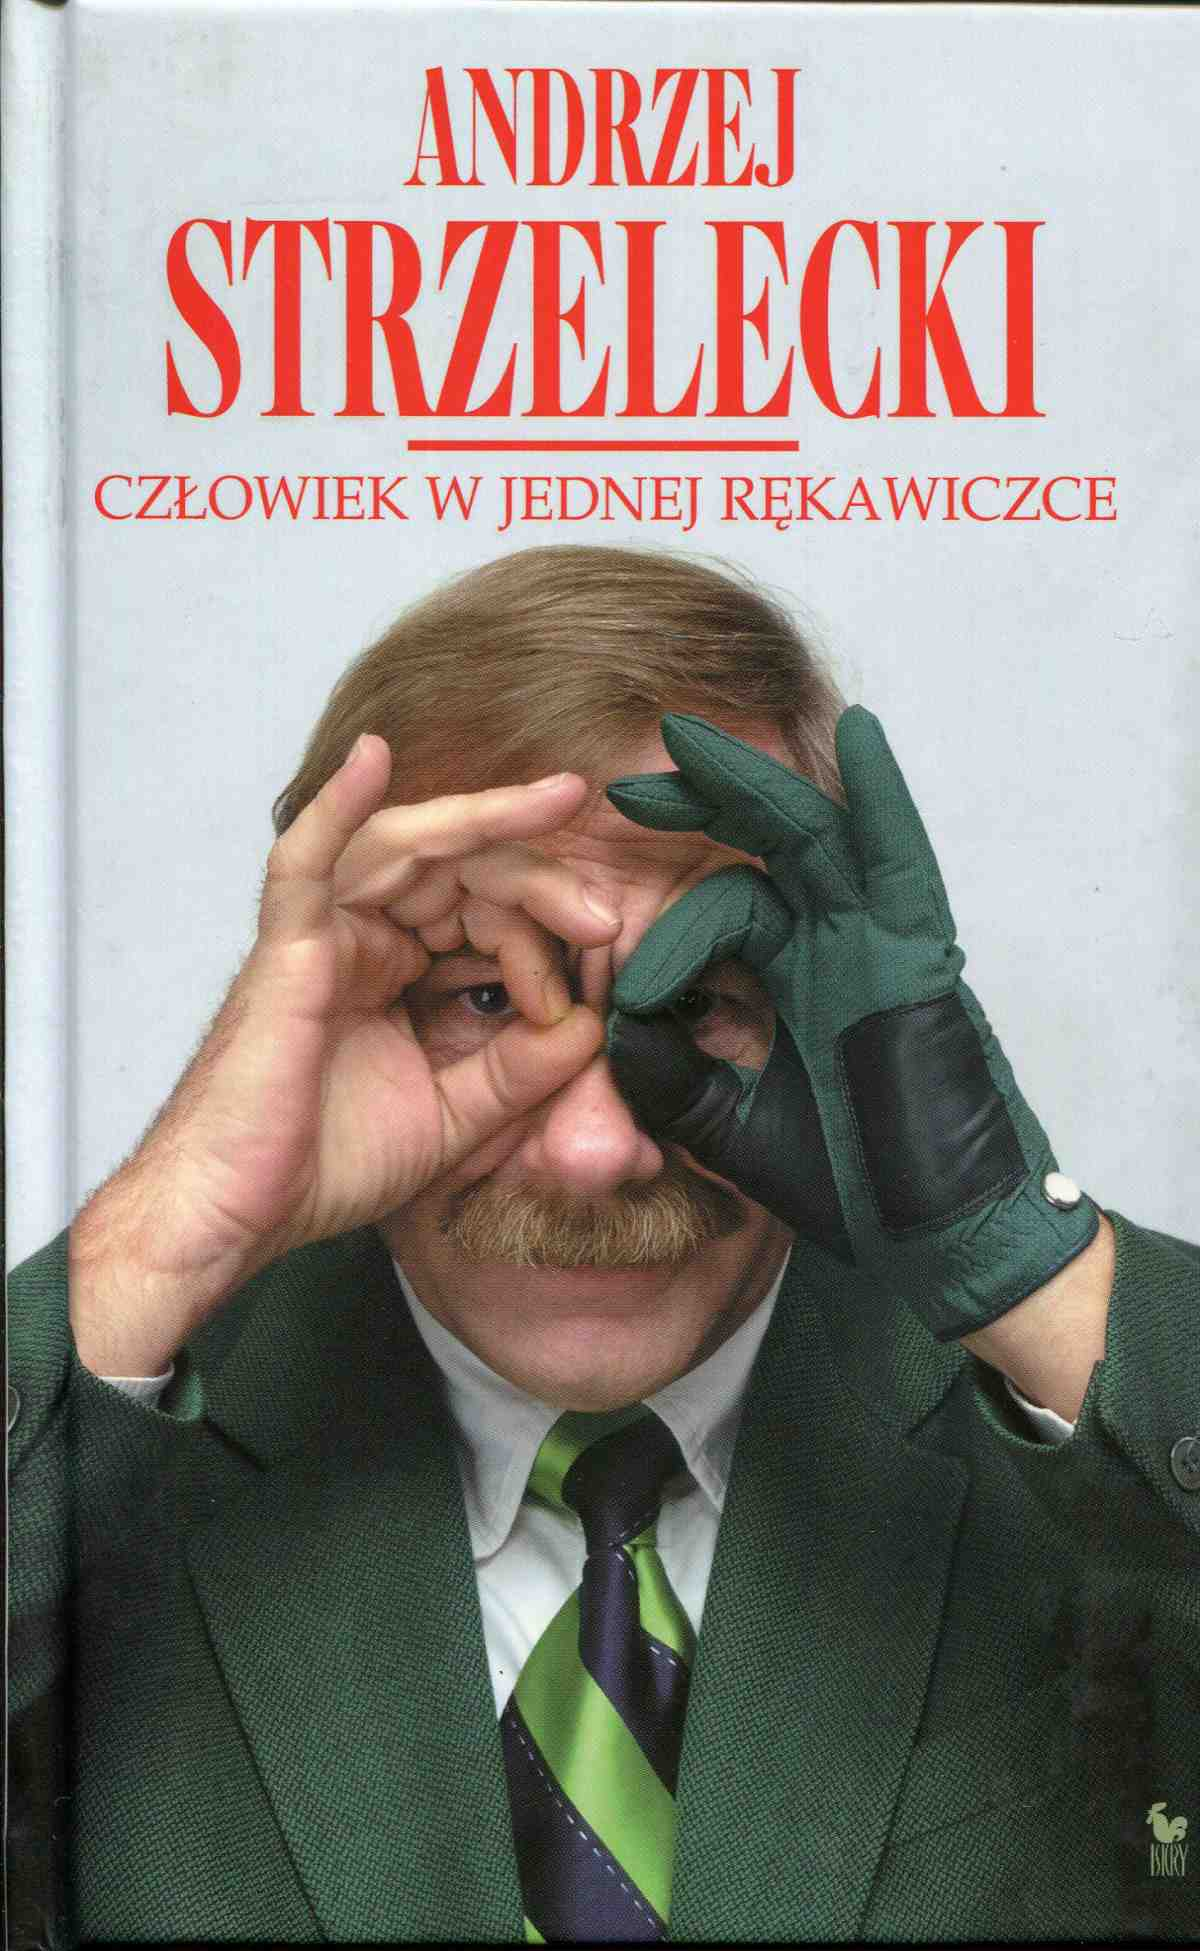 Człowiek w jednej rękawiczce - Ebook (Książka EPUB) do pobrania w formacie EPUB